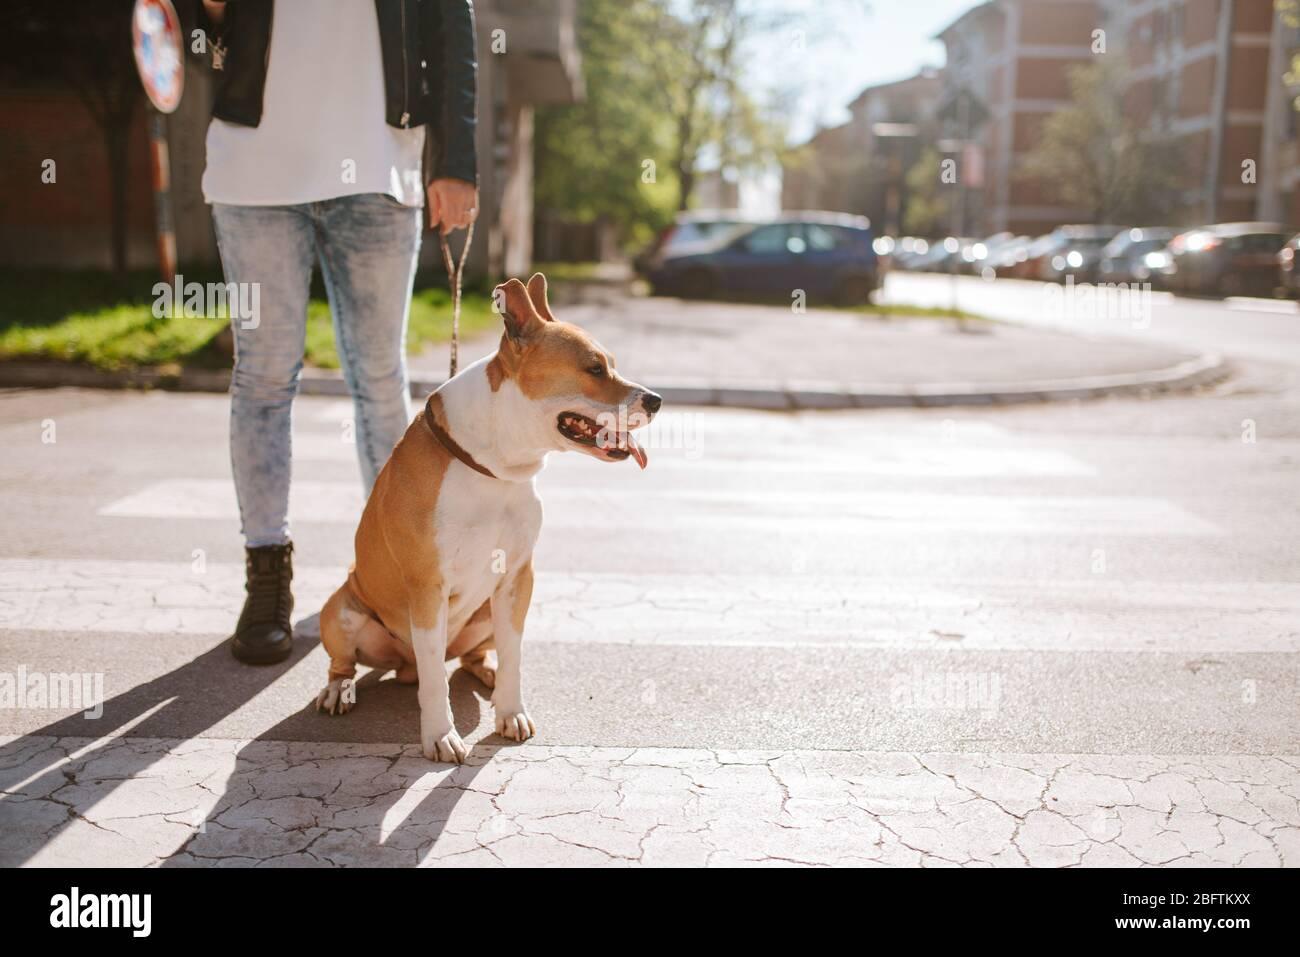 Bel cane razza americana Staffordshire Terrier con una ragazza caucasica sulla strada Foto Stock